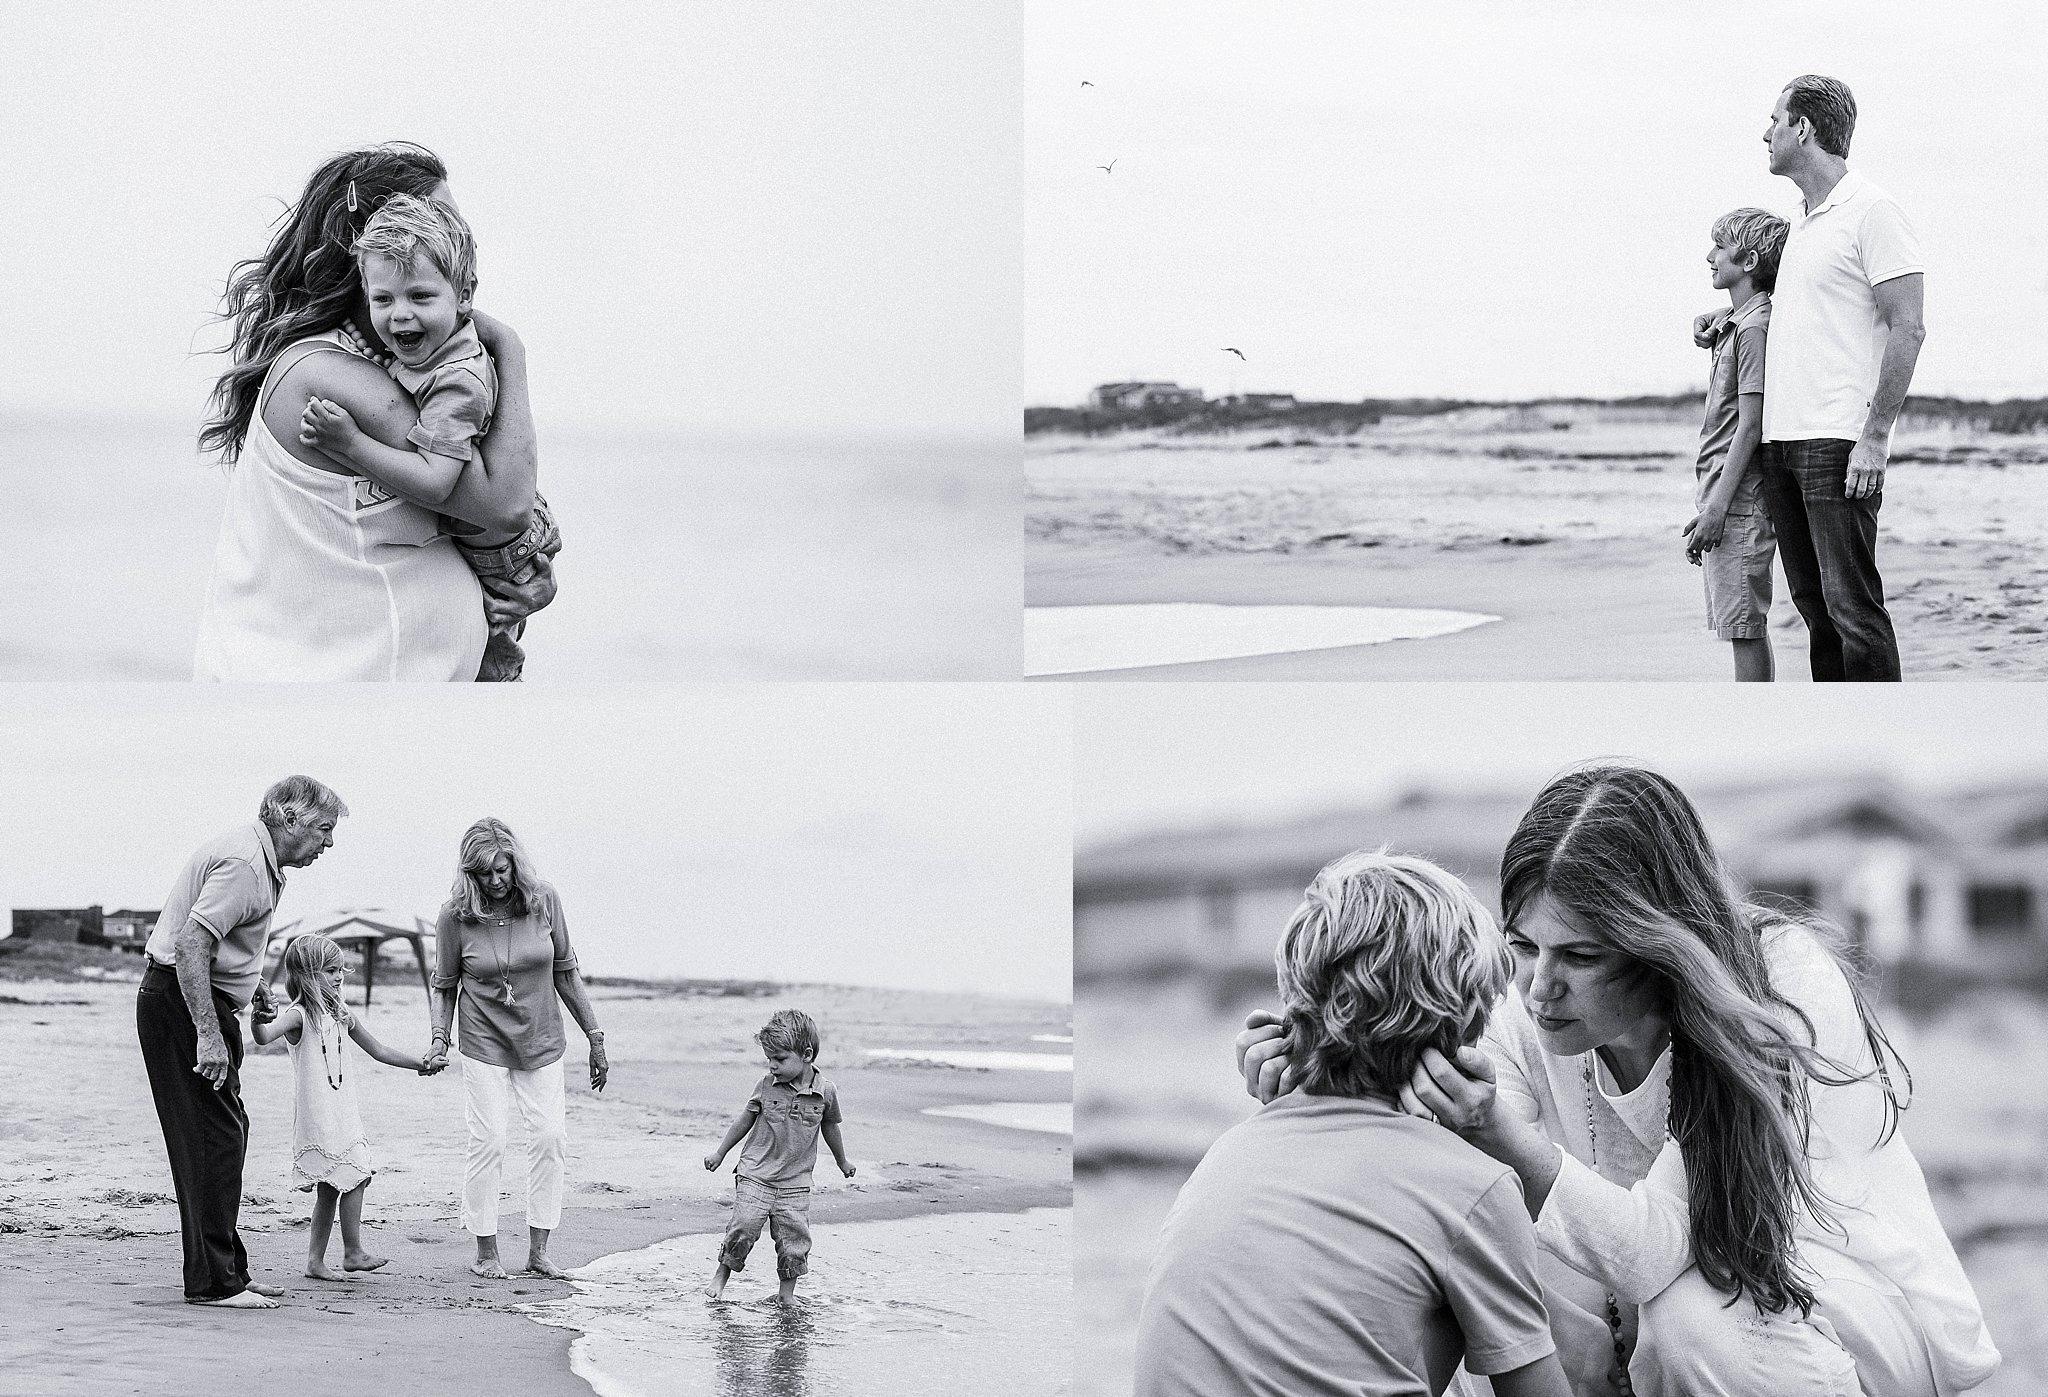 virginia-beach-photographers-melissa-bliss-photography-family-session-at-sandbridge-beach-6.jpg